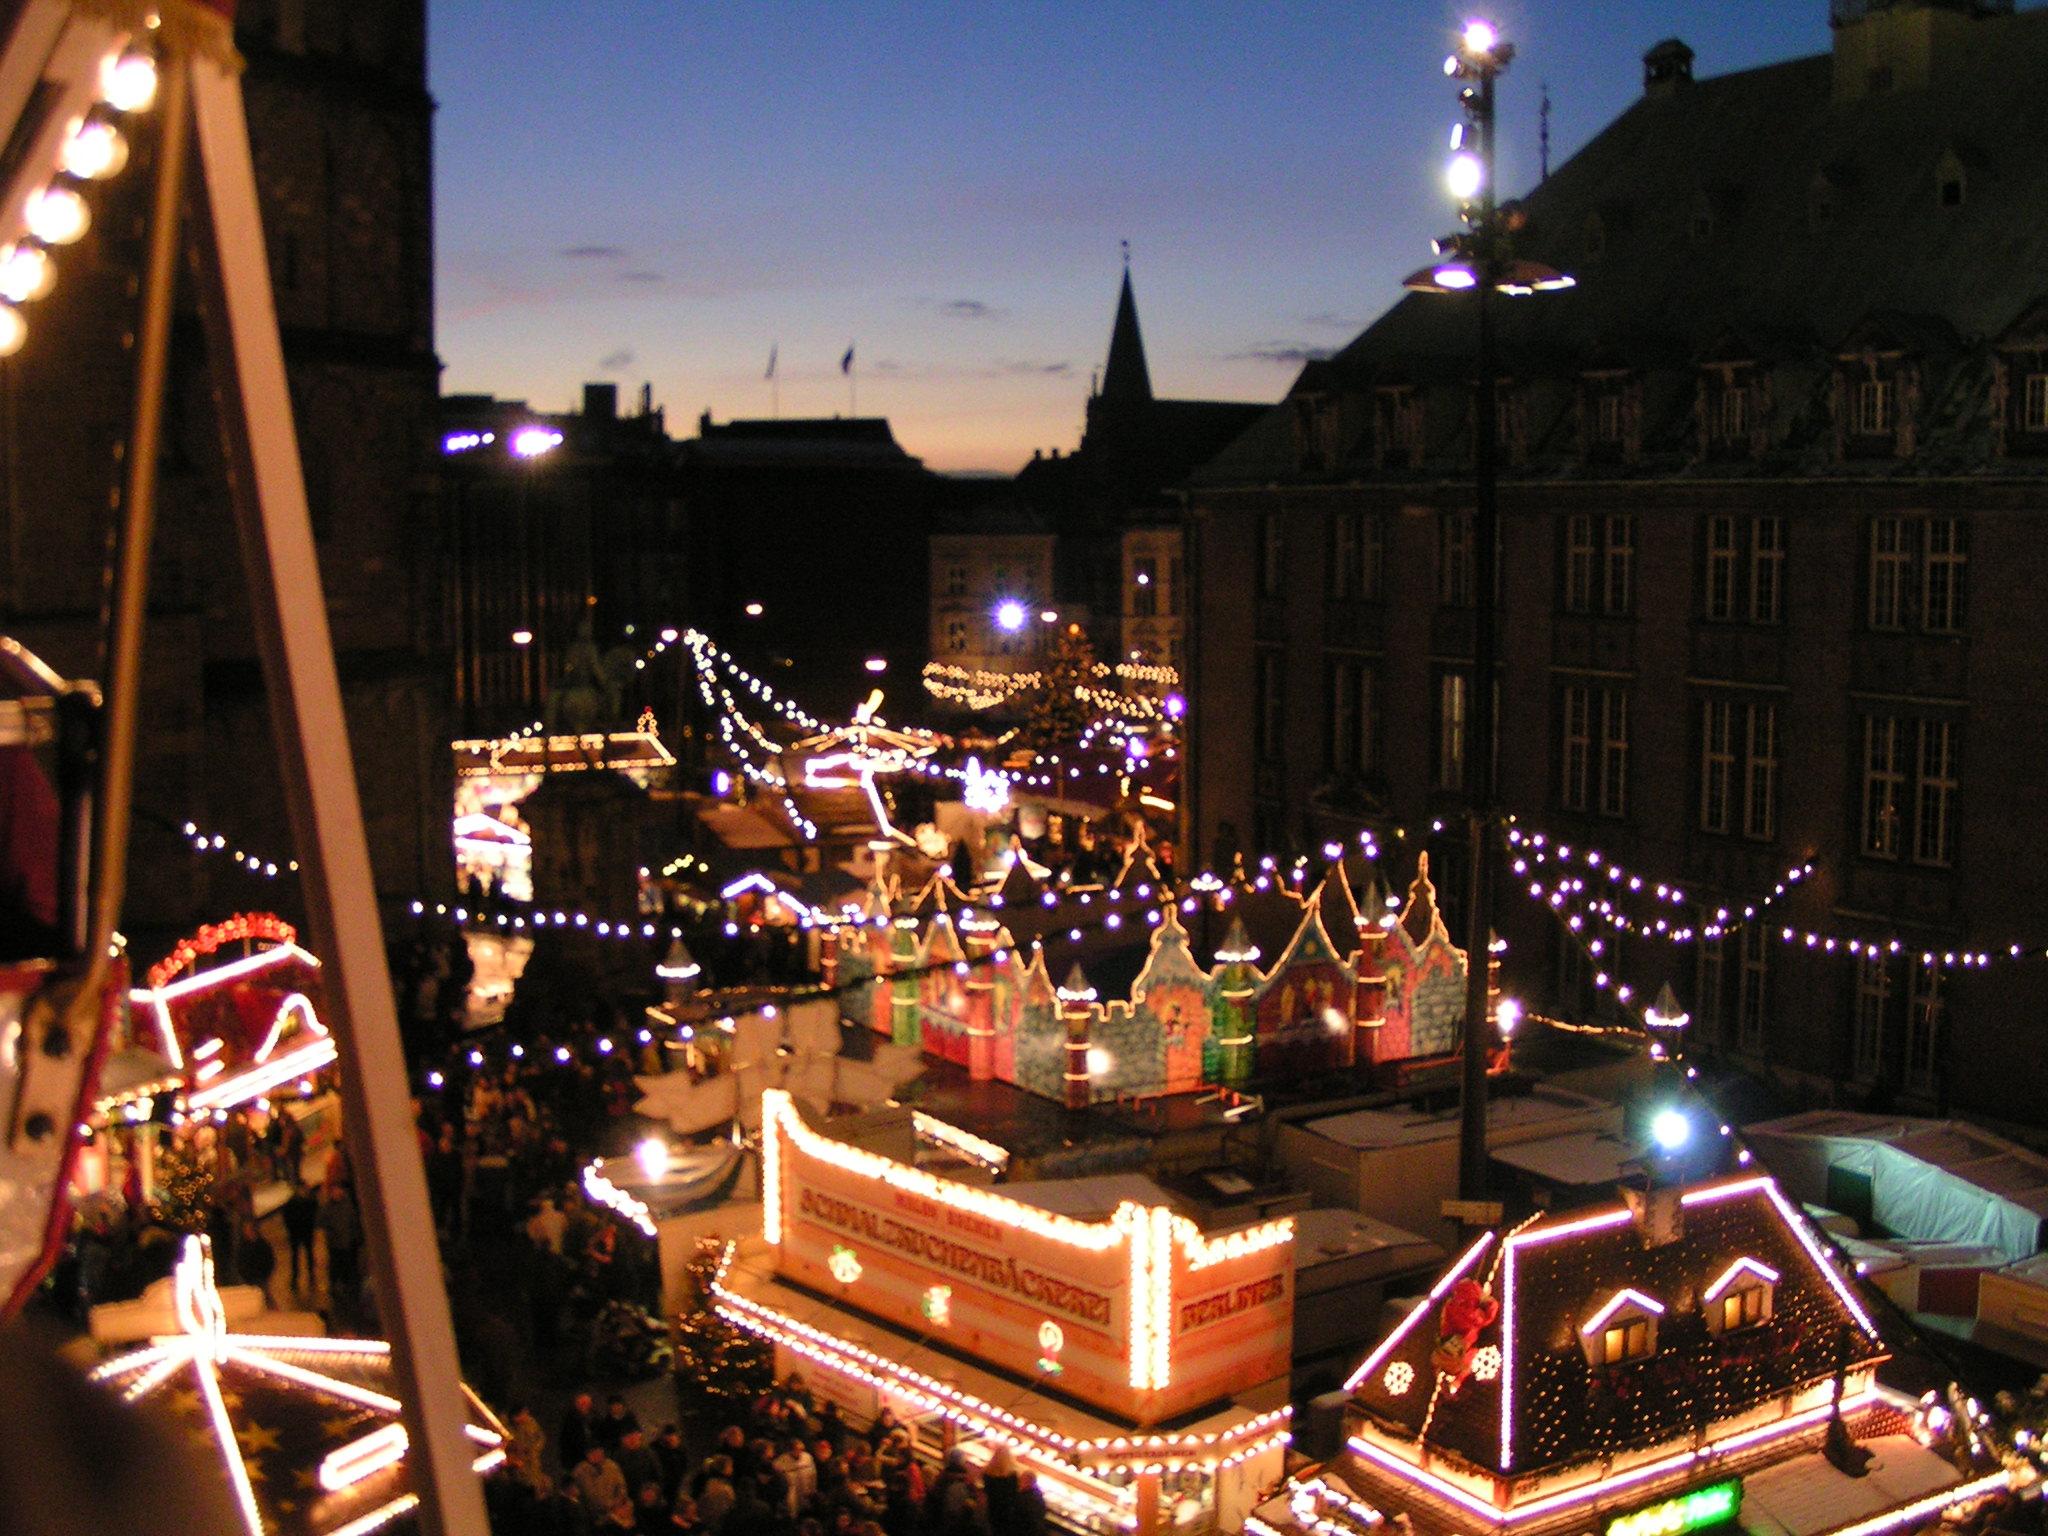 Bremen Weihnachtsmarkt.Datei Bremen Weihnachtsmarkt Jpg Wikipedia